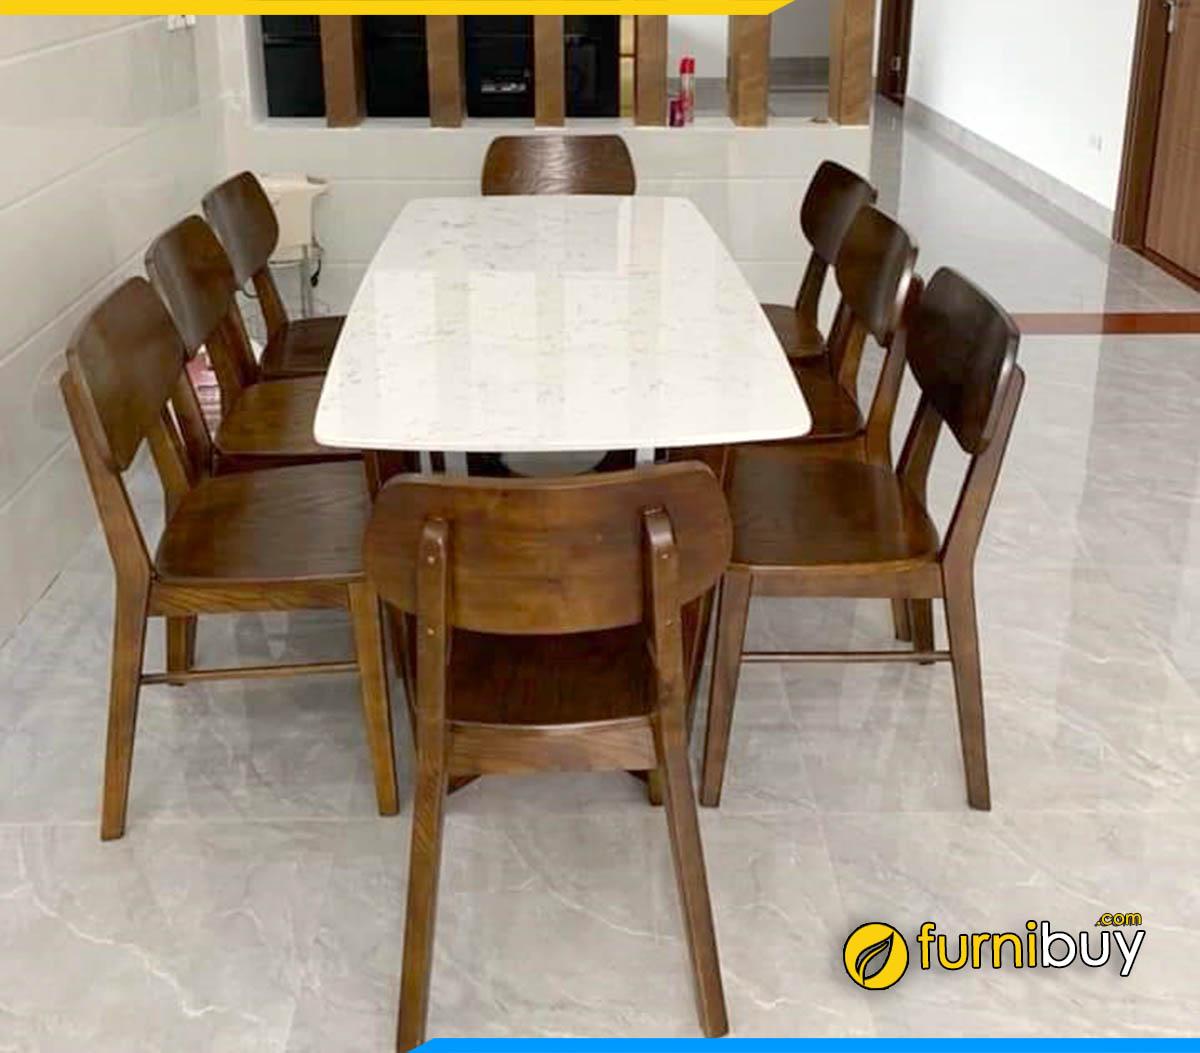 Hình ảnh Bộ bàn ăn chung cư 8 ghế gỗ sồi nhà anh Tú đẹp